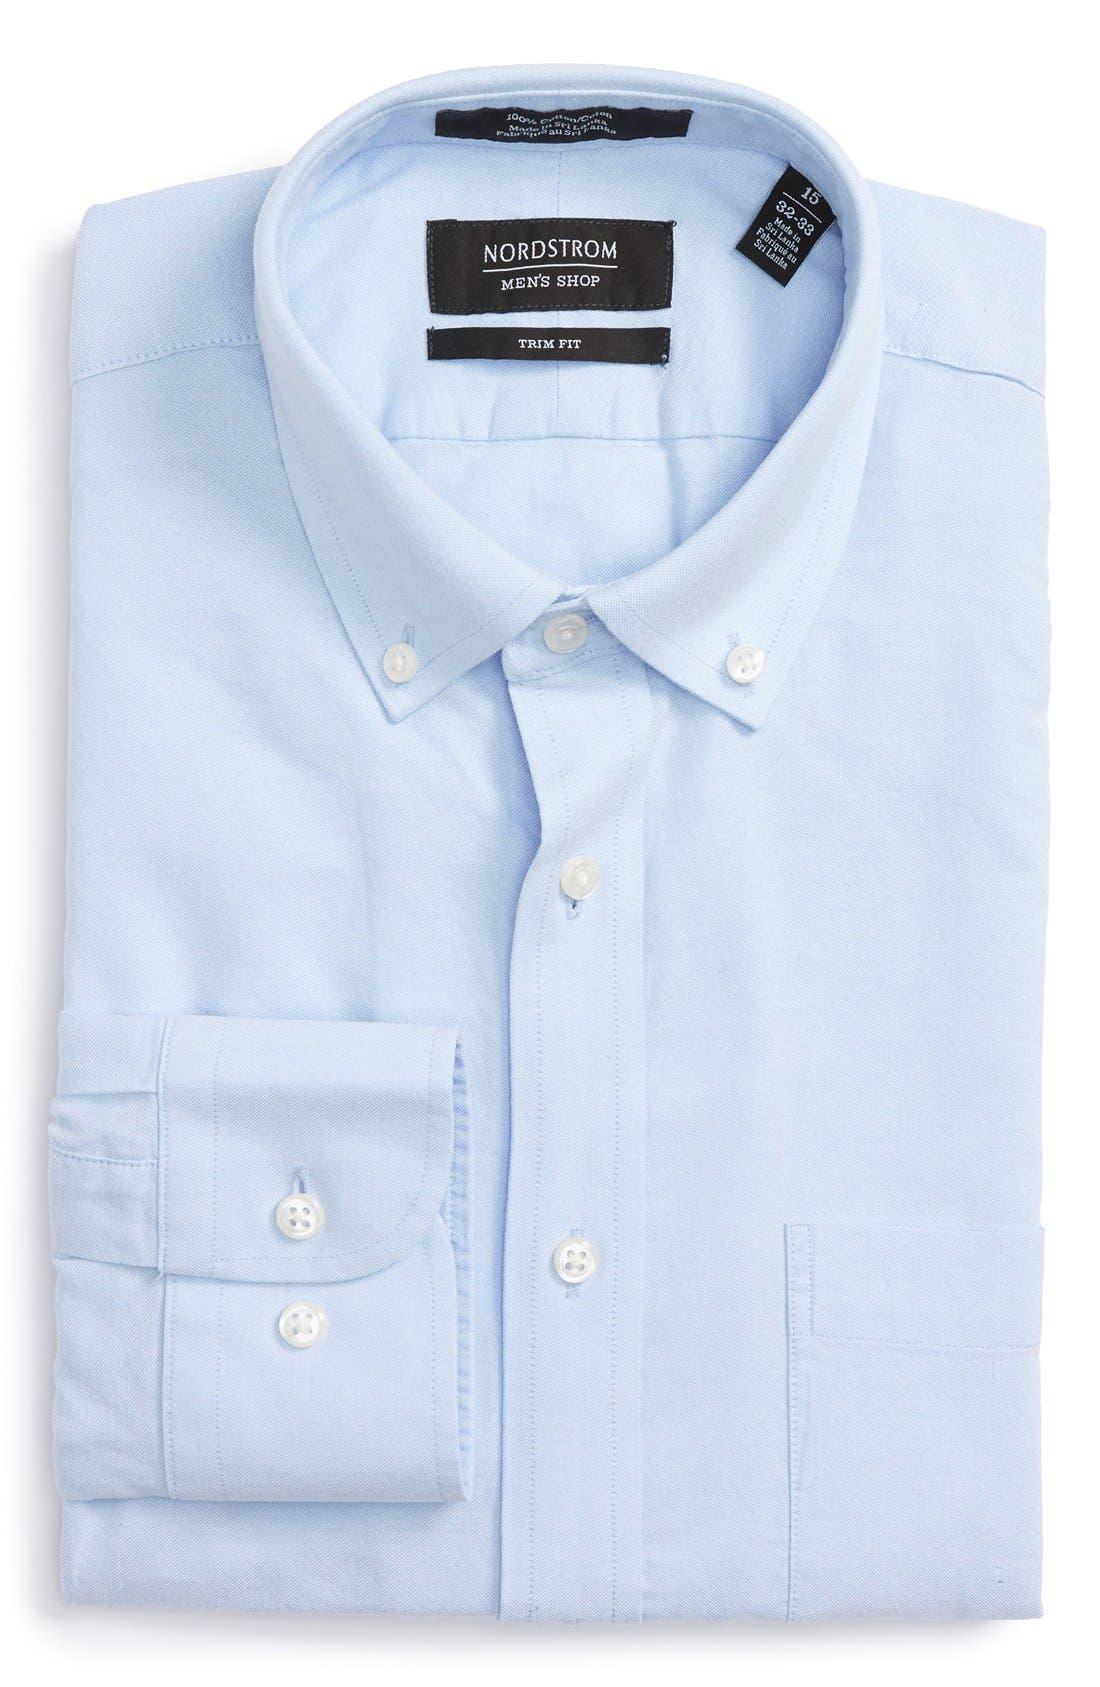 Trim Fit Solid Oxford Dress Shirt,                             Main thumbnail 1, color,                             Blue Grapemist